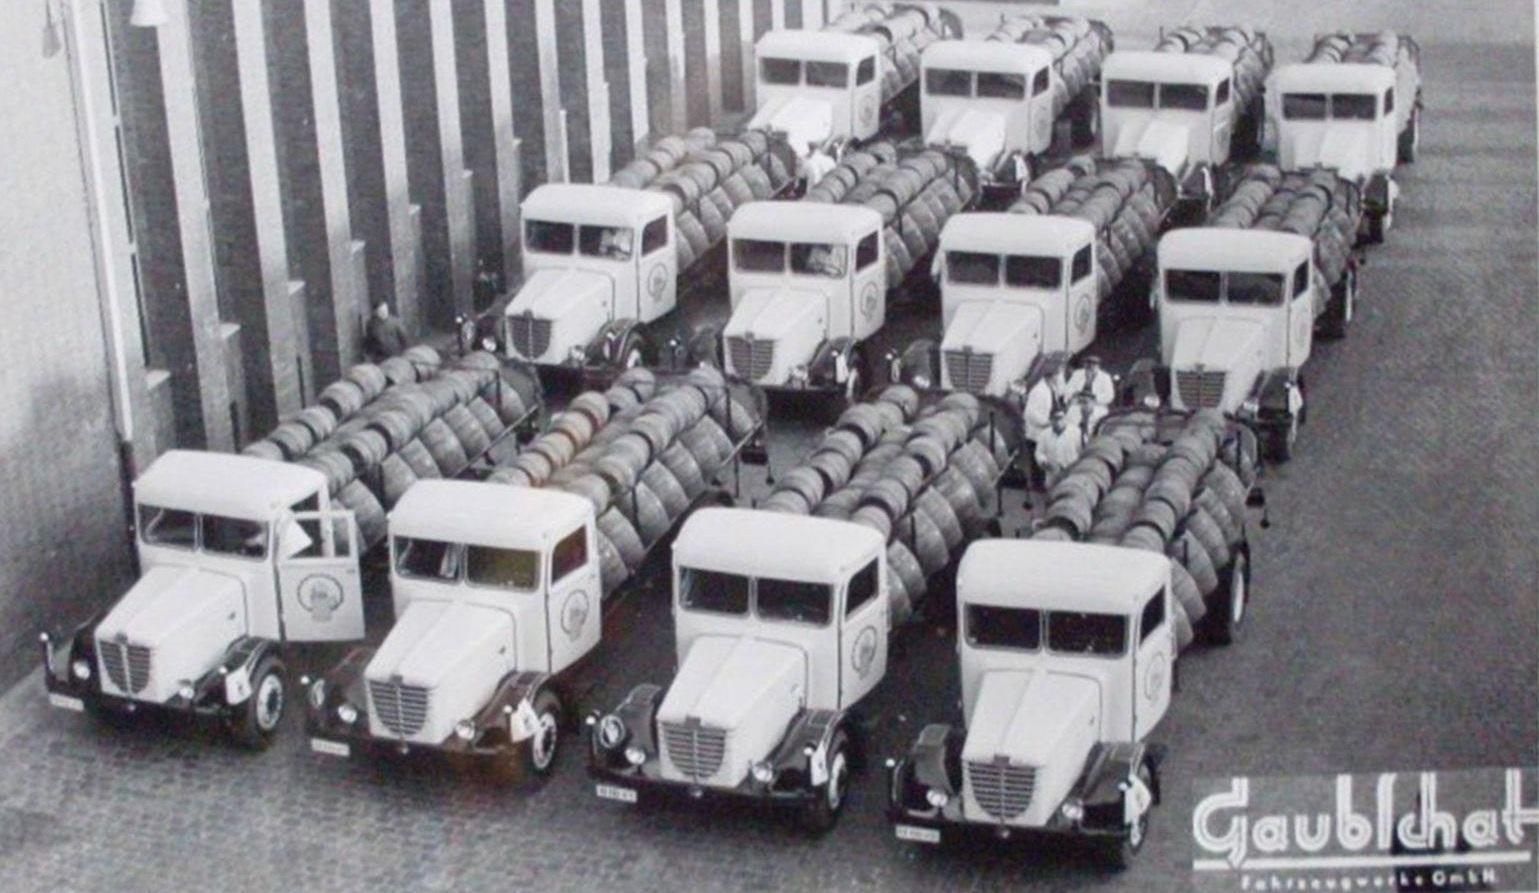 Bussing-4500-S-mit-Fassaufbauten-von-Gaubschat--Berlin[1]